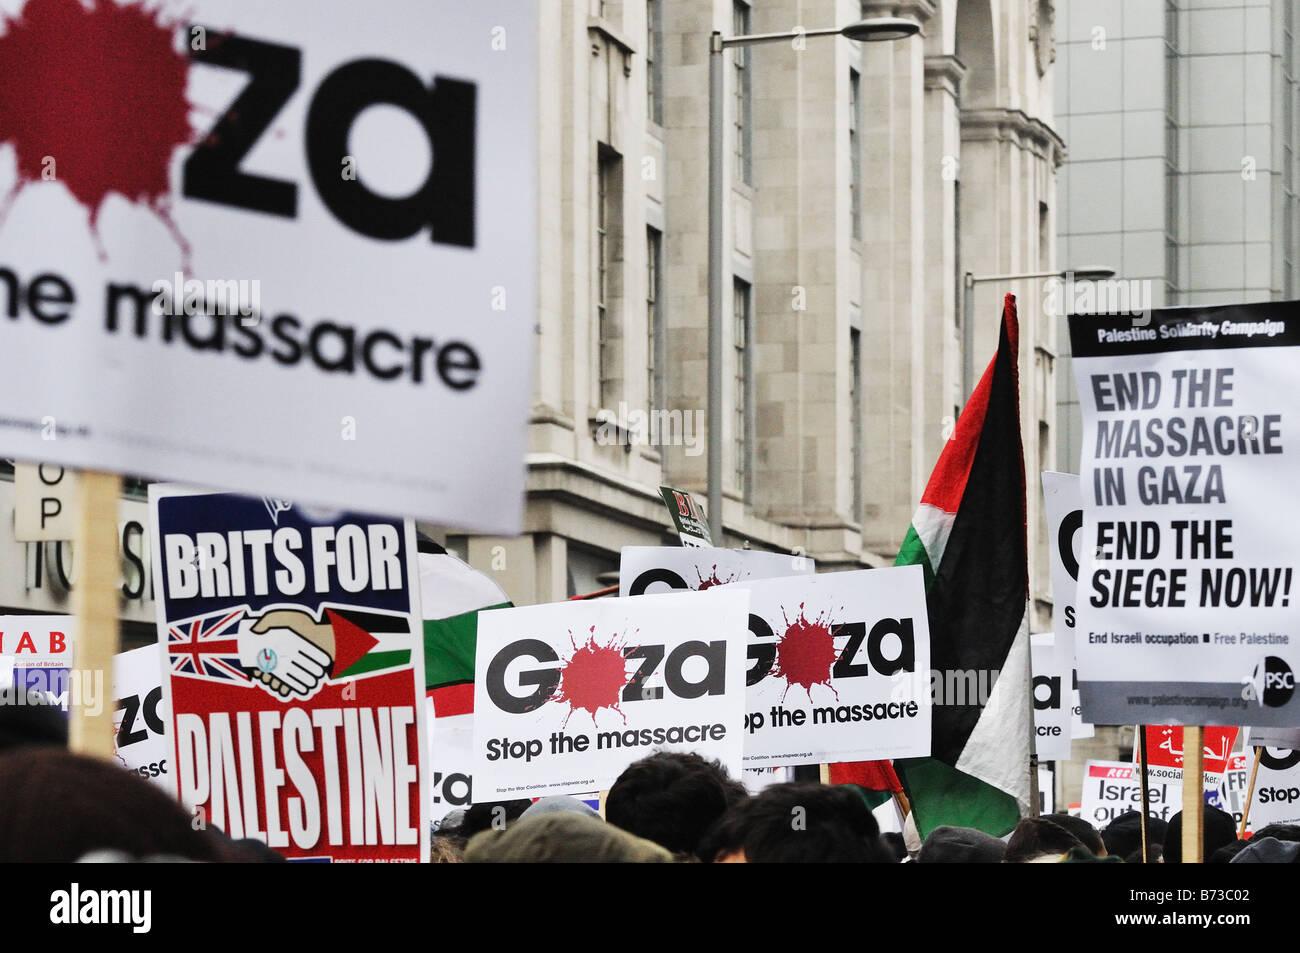 Anti-Israel Gaza massacre protest outside the Israel Embassy, London, UK - Stock Image